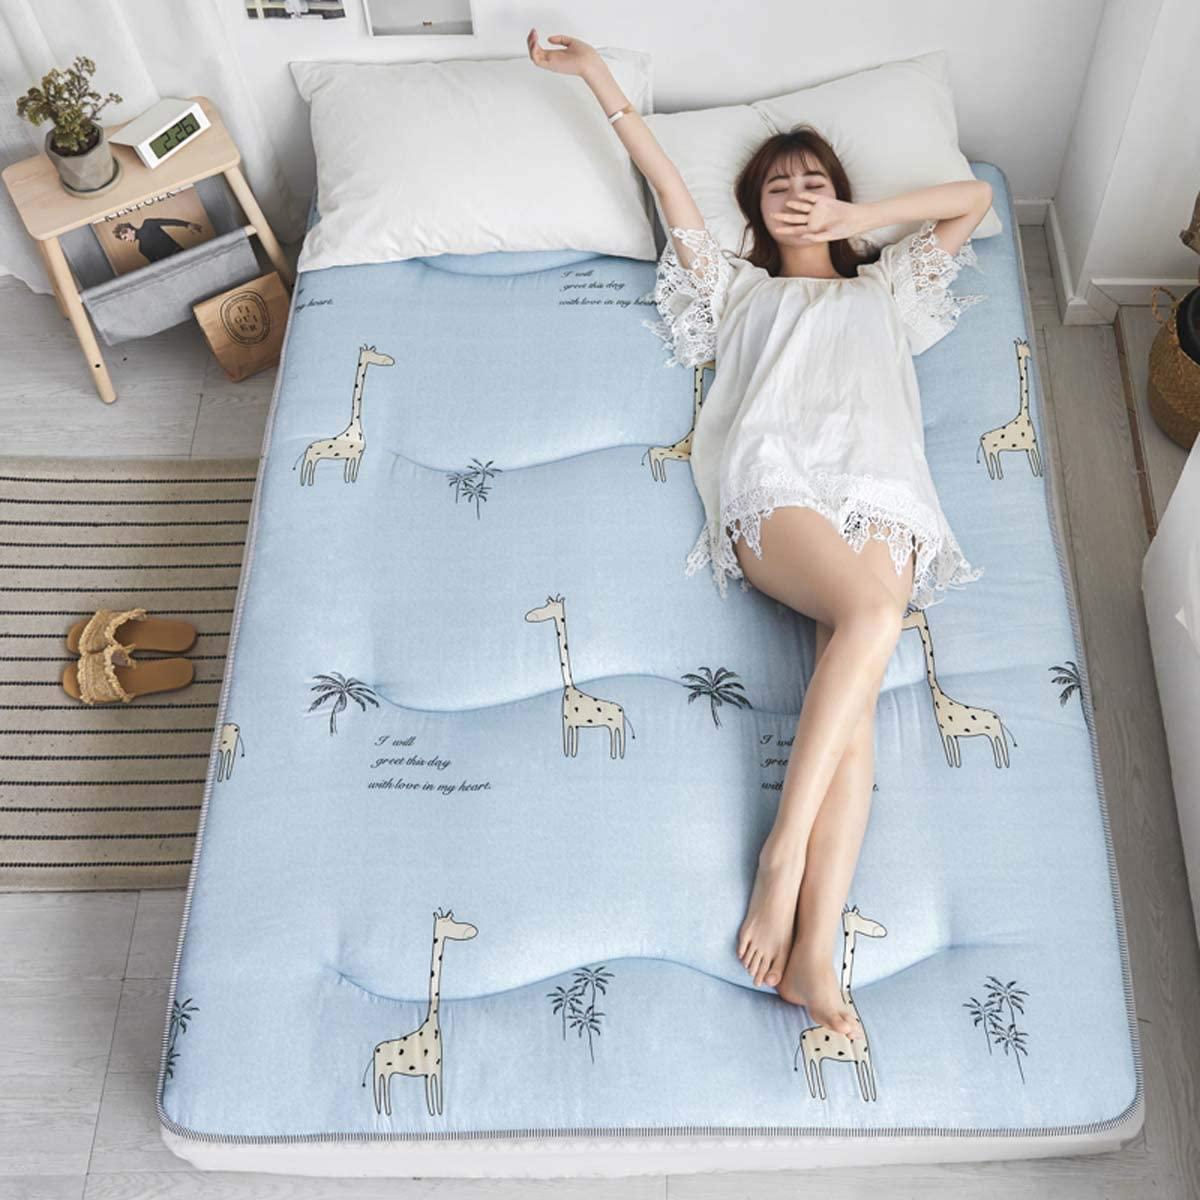 ZXYY Japanese Triangular Floor Mattress, Tatami Floor Mattress Portable Camping Mattress for Children Folding Sleeping Pillow Roll Up Pillow Bed, H, 150 200cm